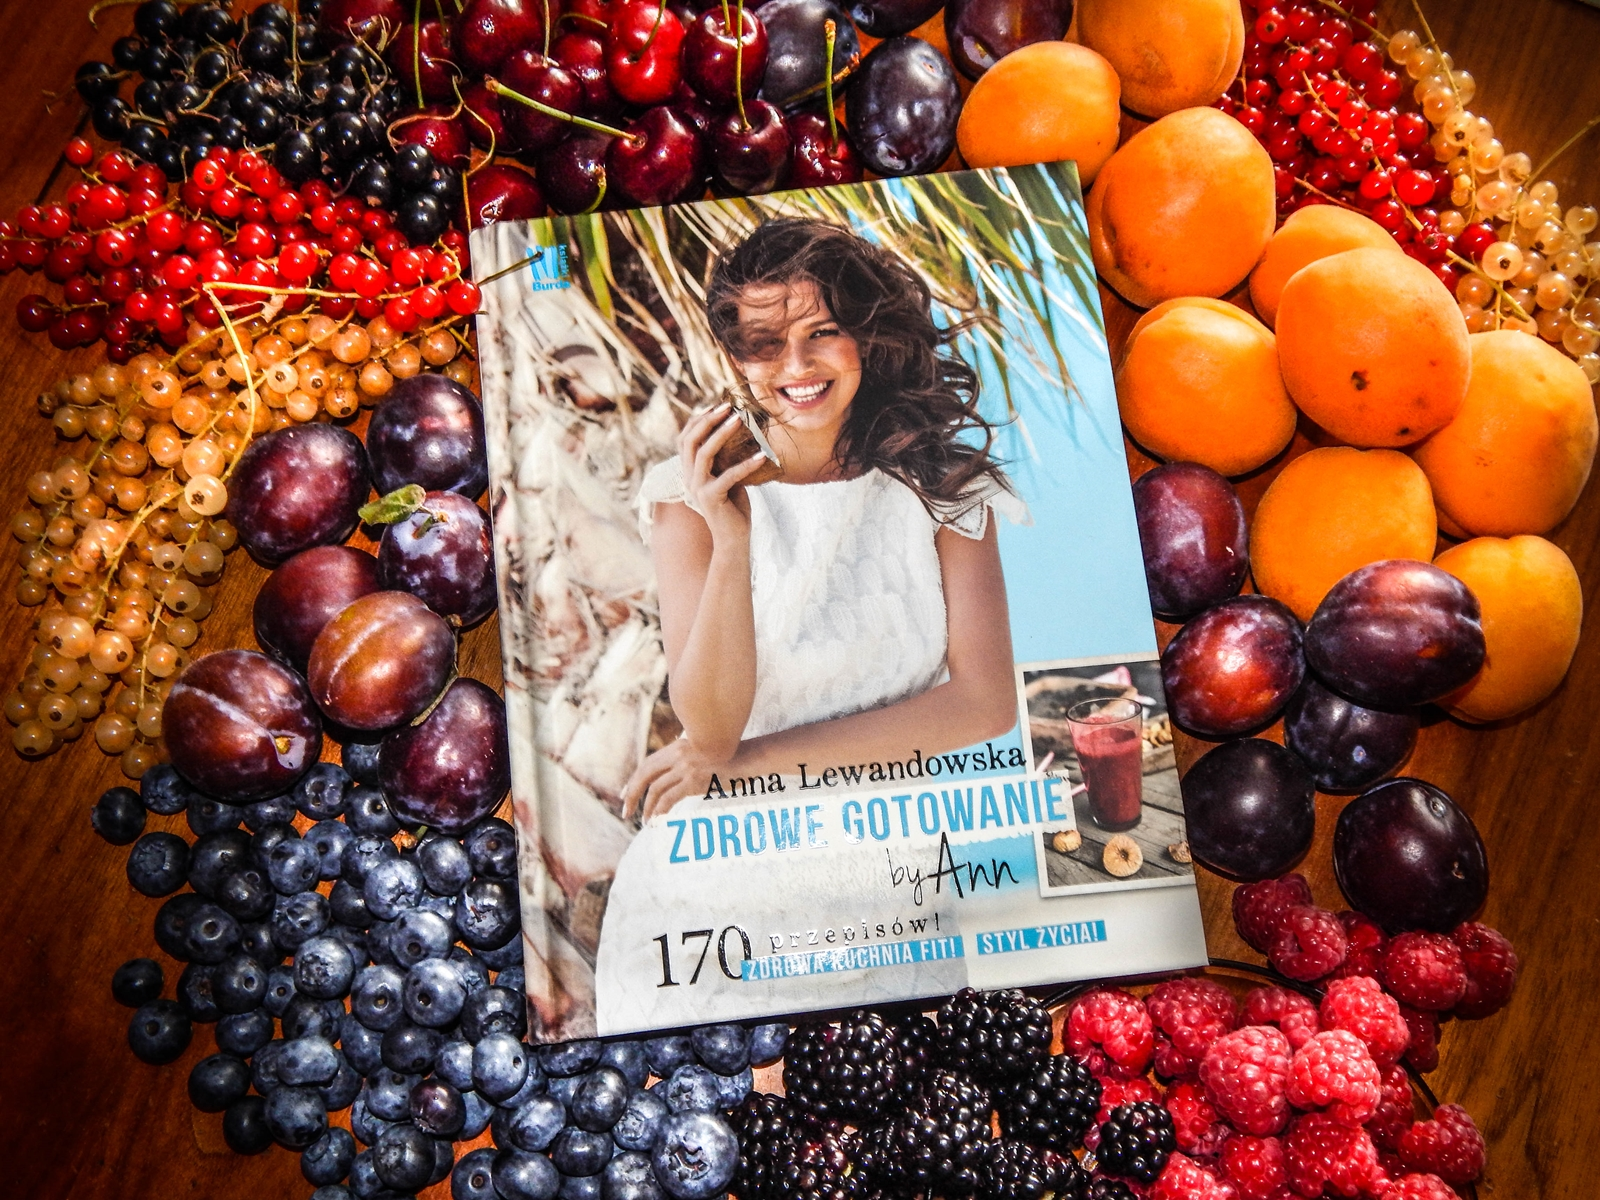 1 naglowek zdrowe gotowanie by ann anna lewandowska ksiazka kucharska recenzja melodylaniella jedzenie zdrowe ozywianie dieta porady fit health sportowa dieta